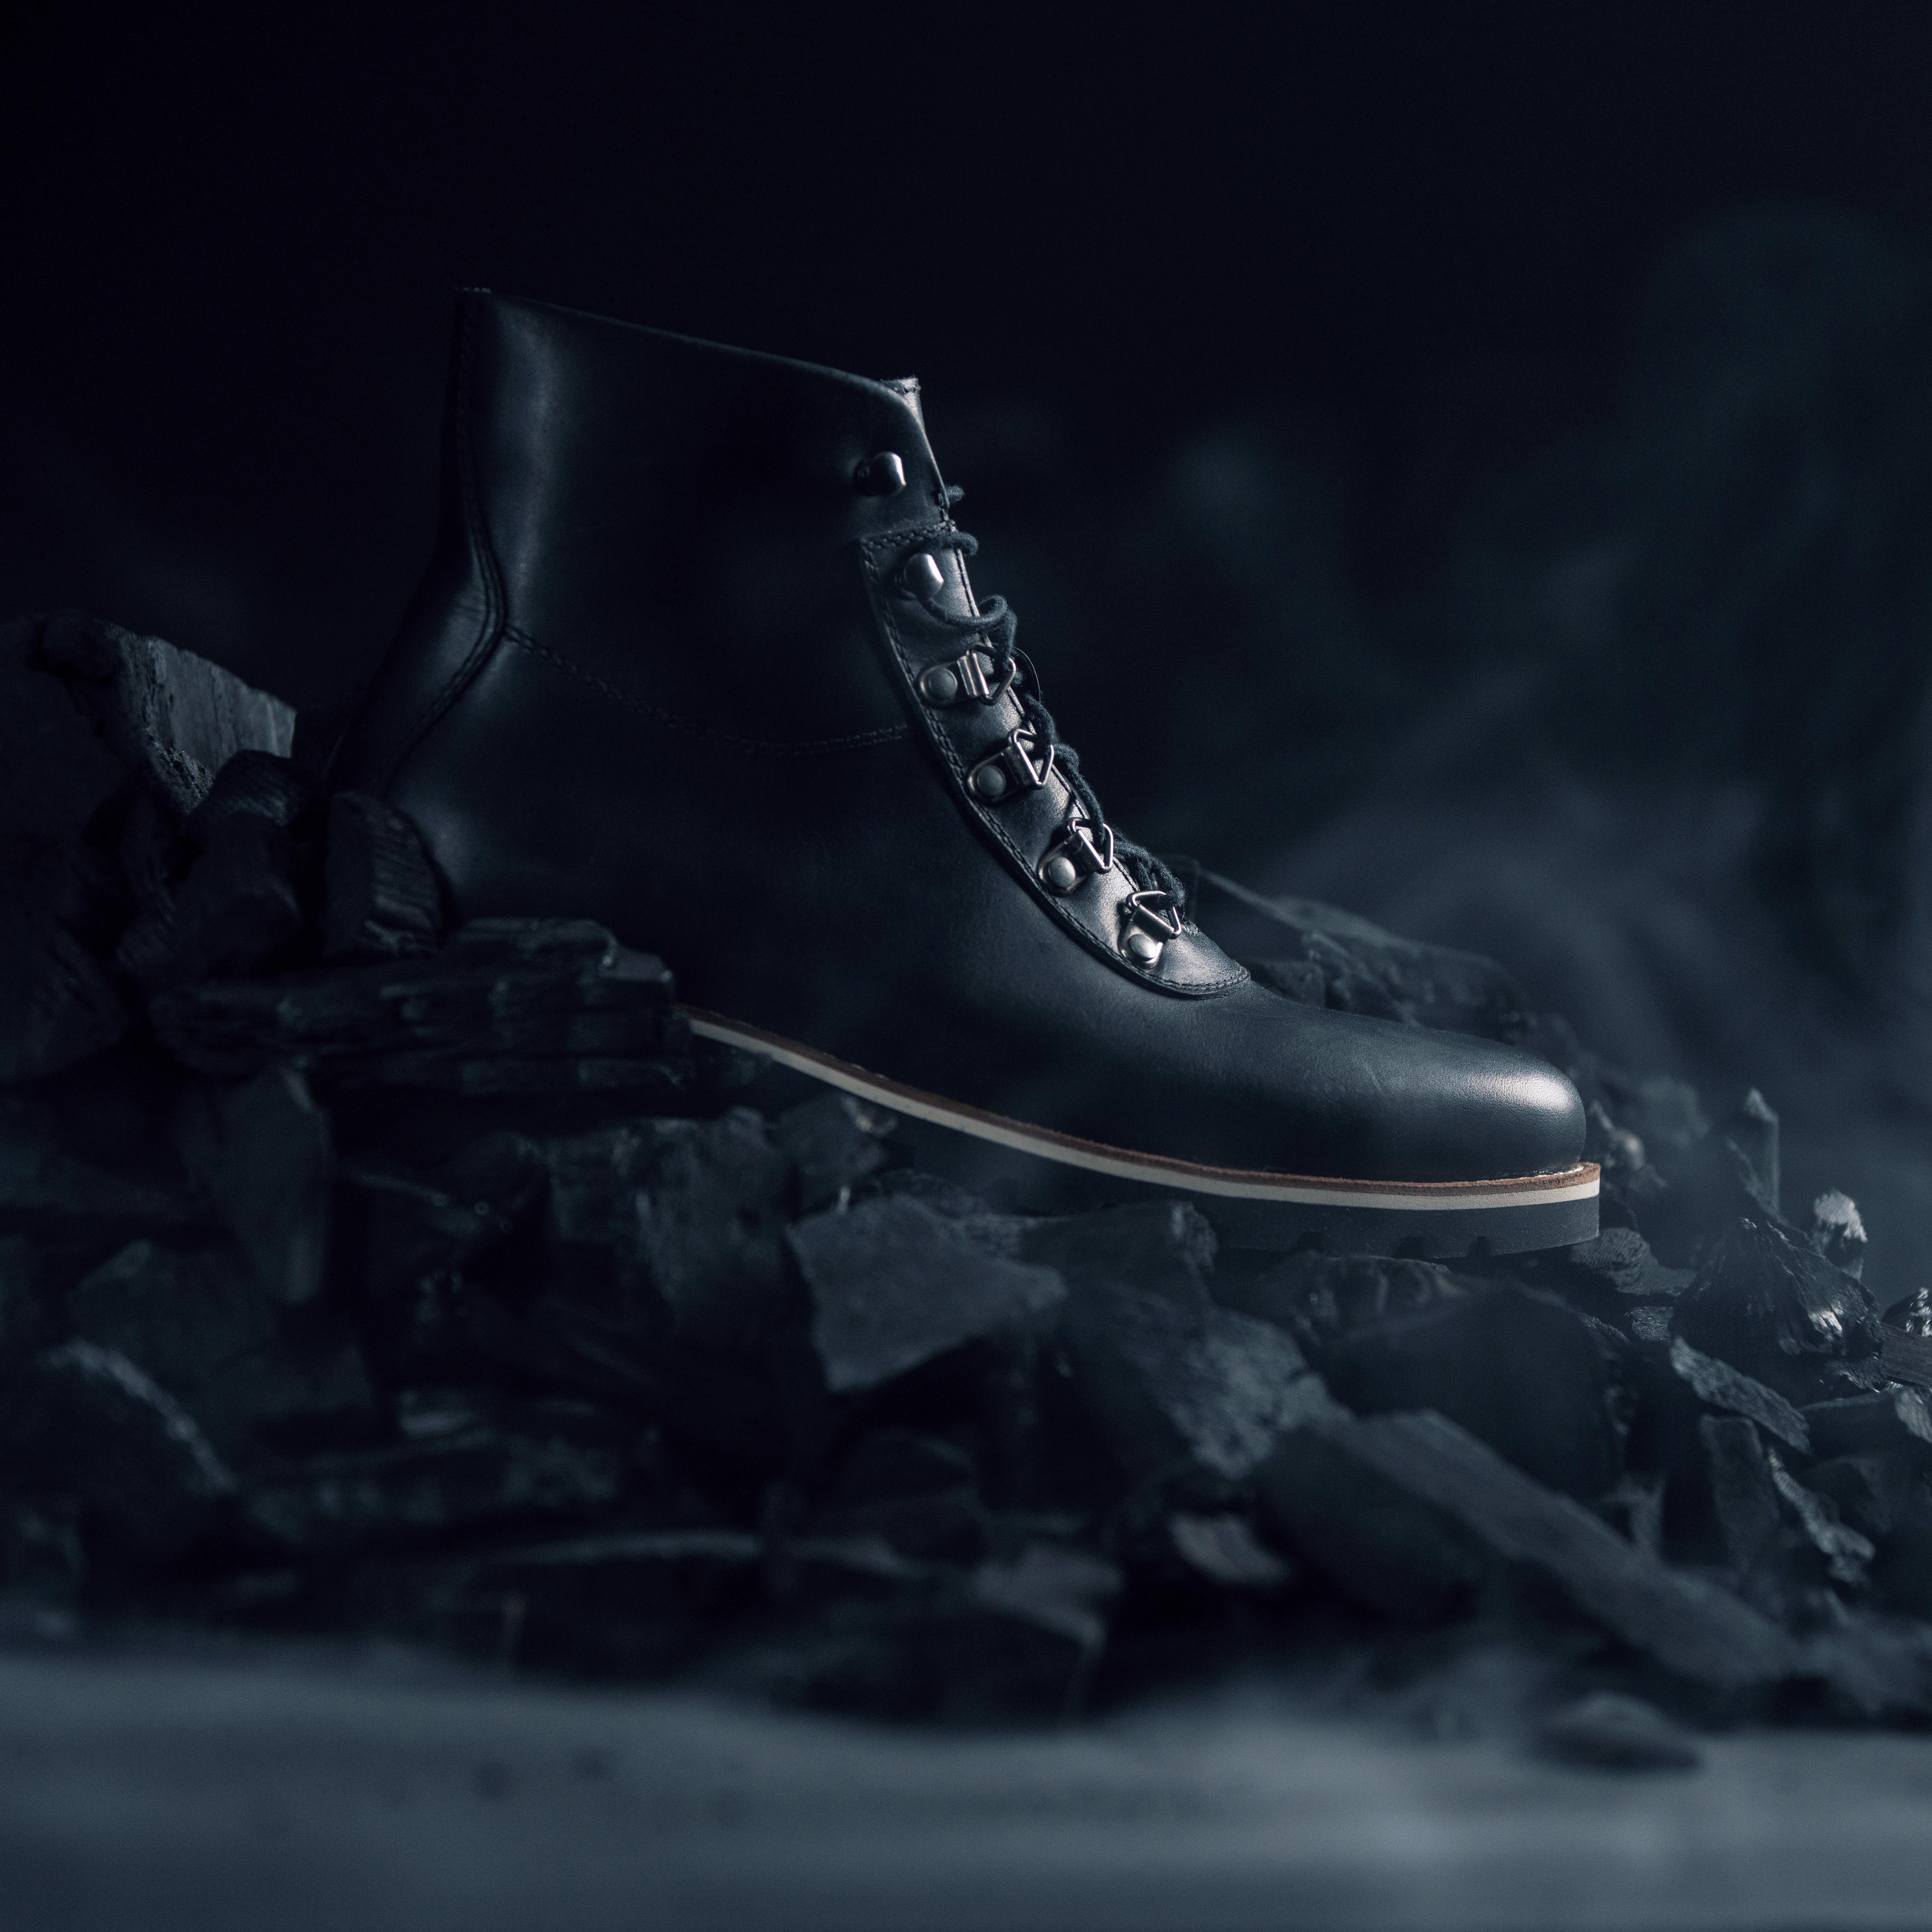 Death & Co. Ryder Black being worn